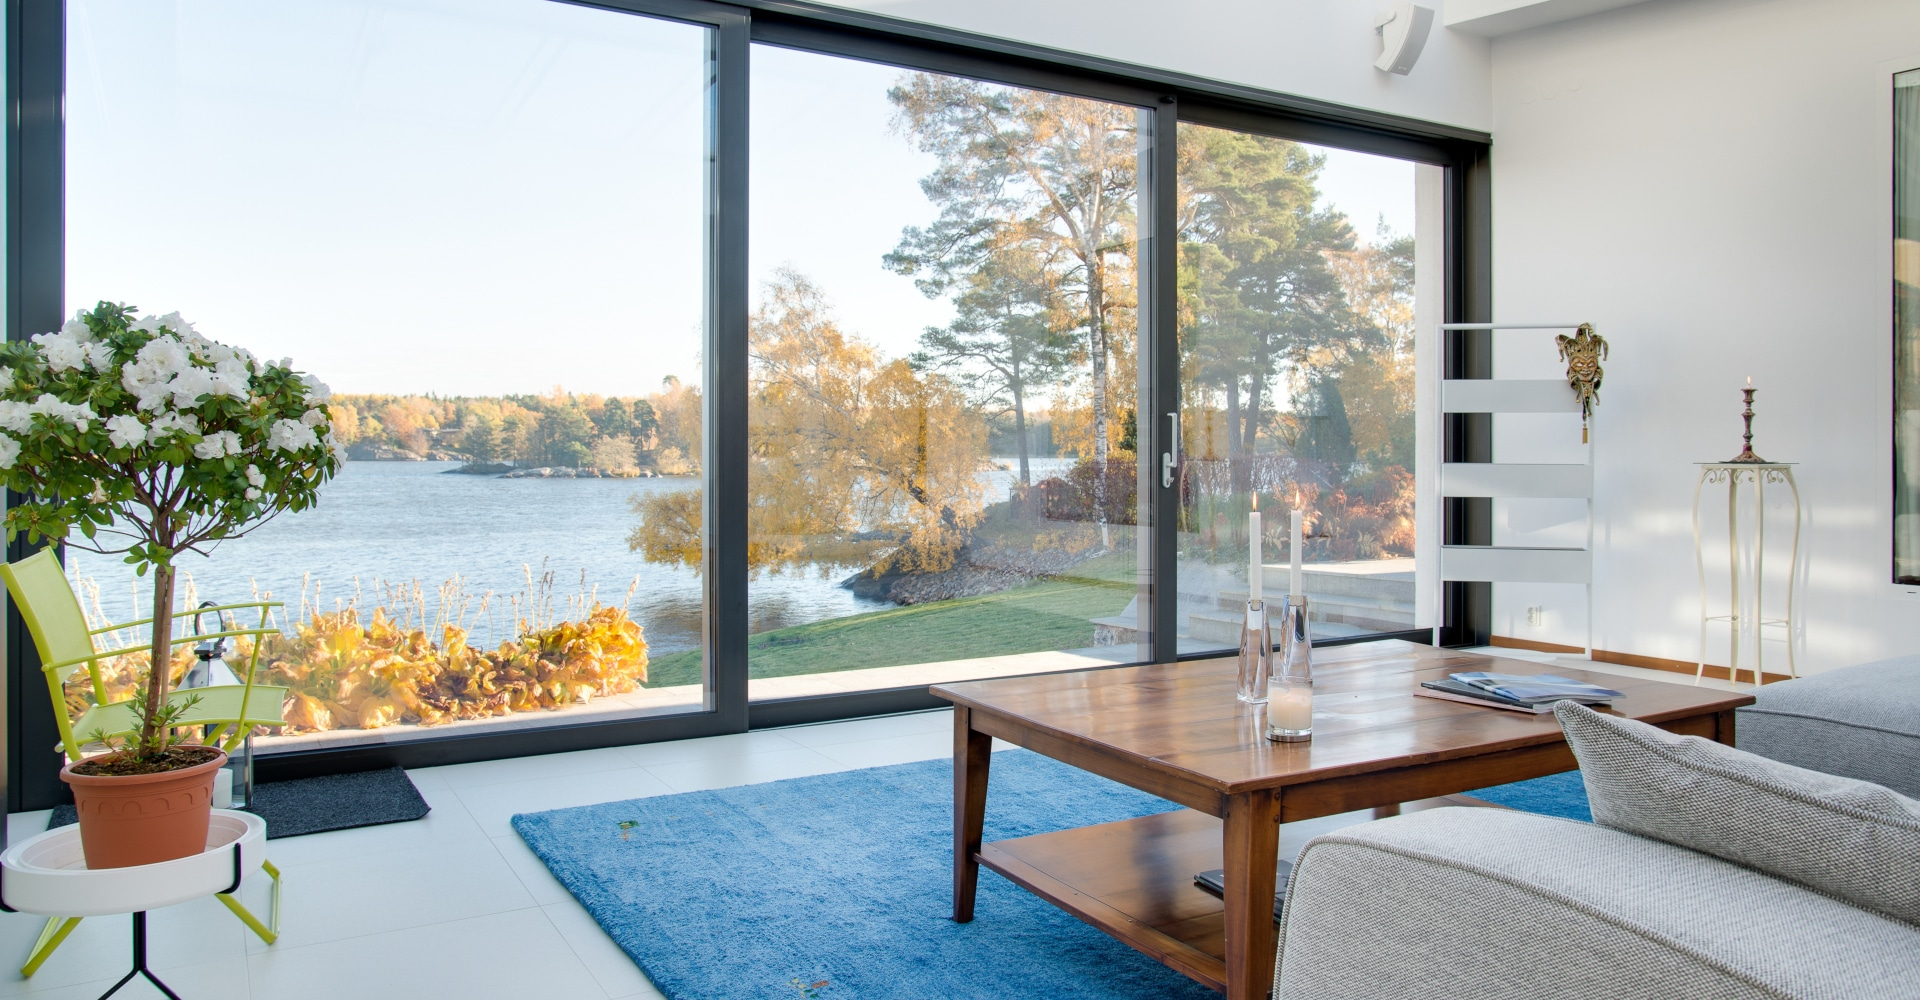 GST Rénovation - Baie vitrée sur jardin